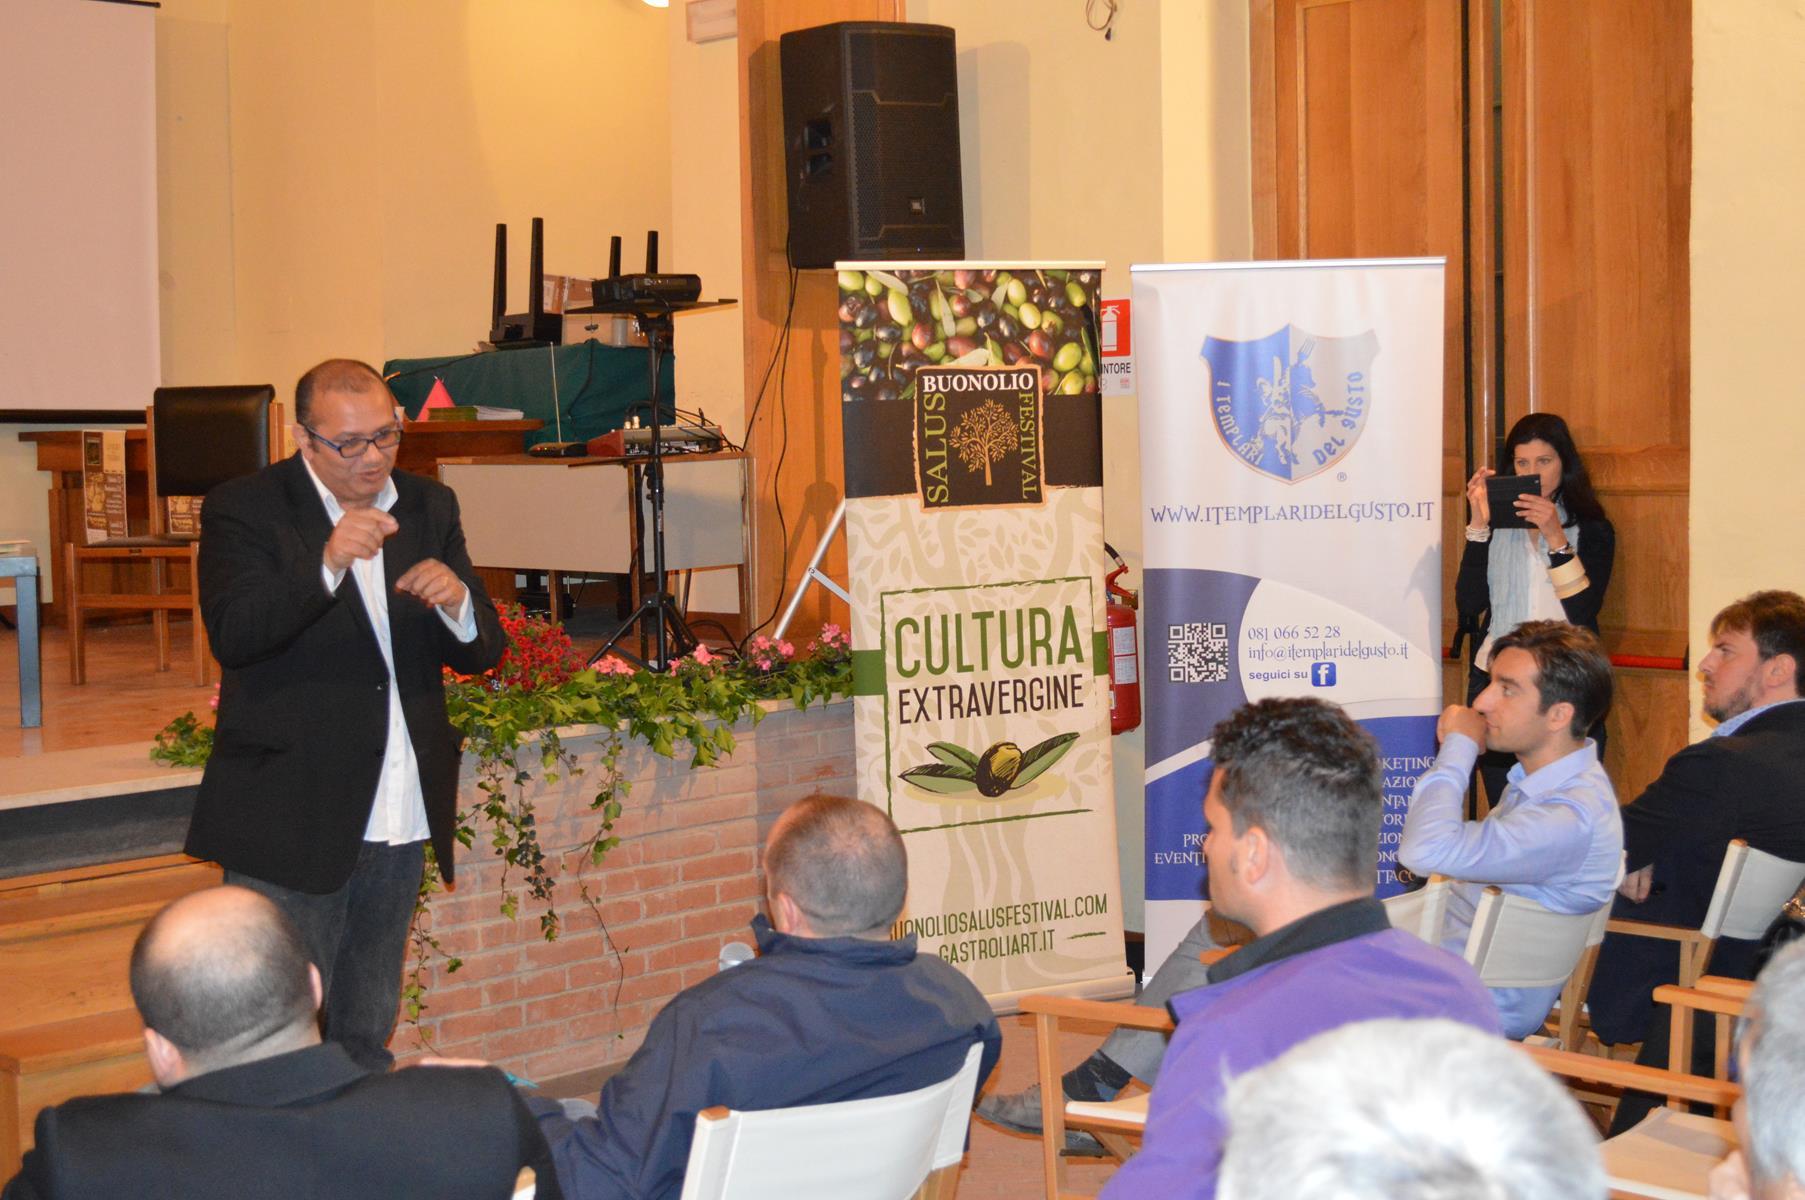 Buonolio Salus Festival 2016 (349)